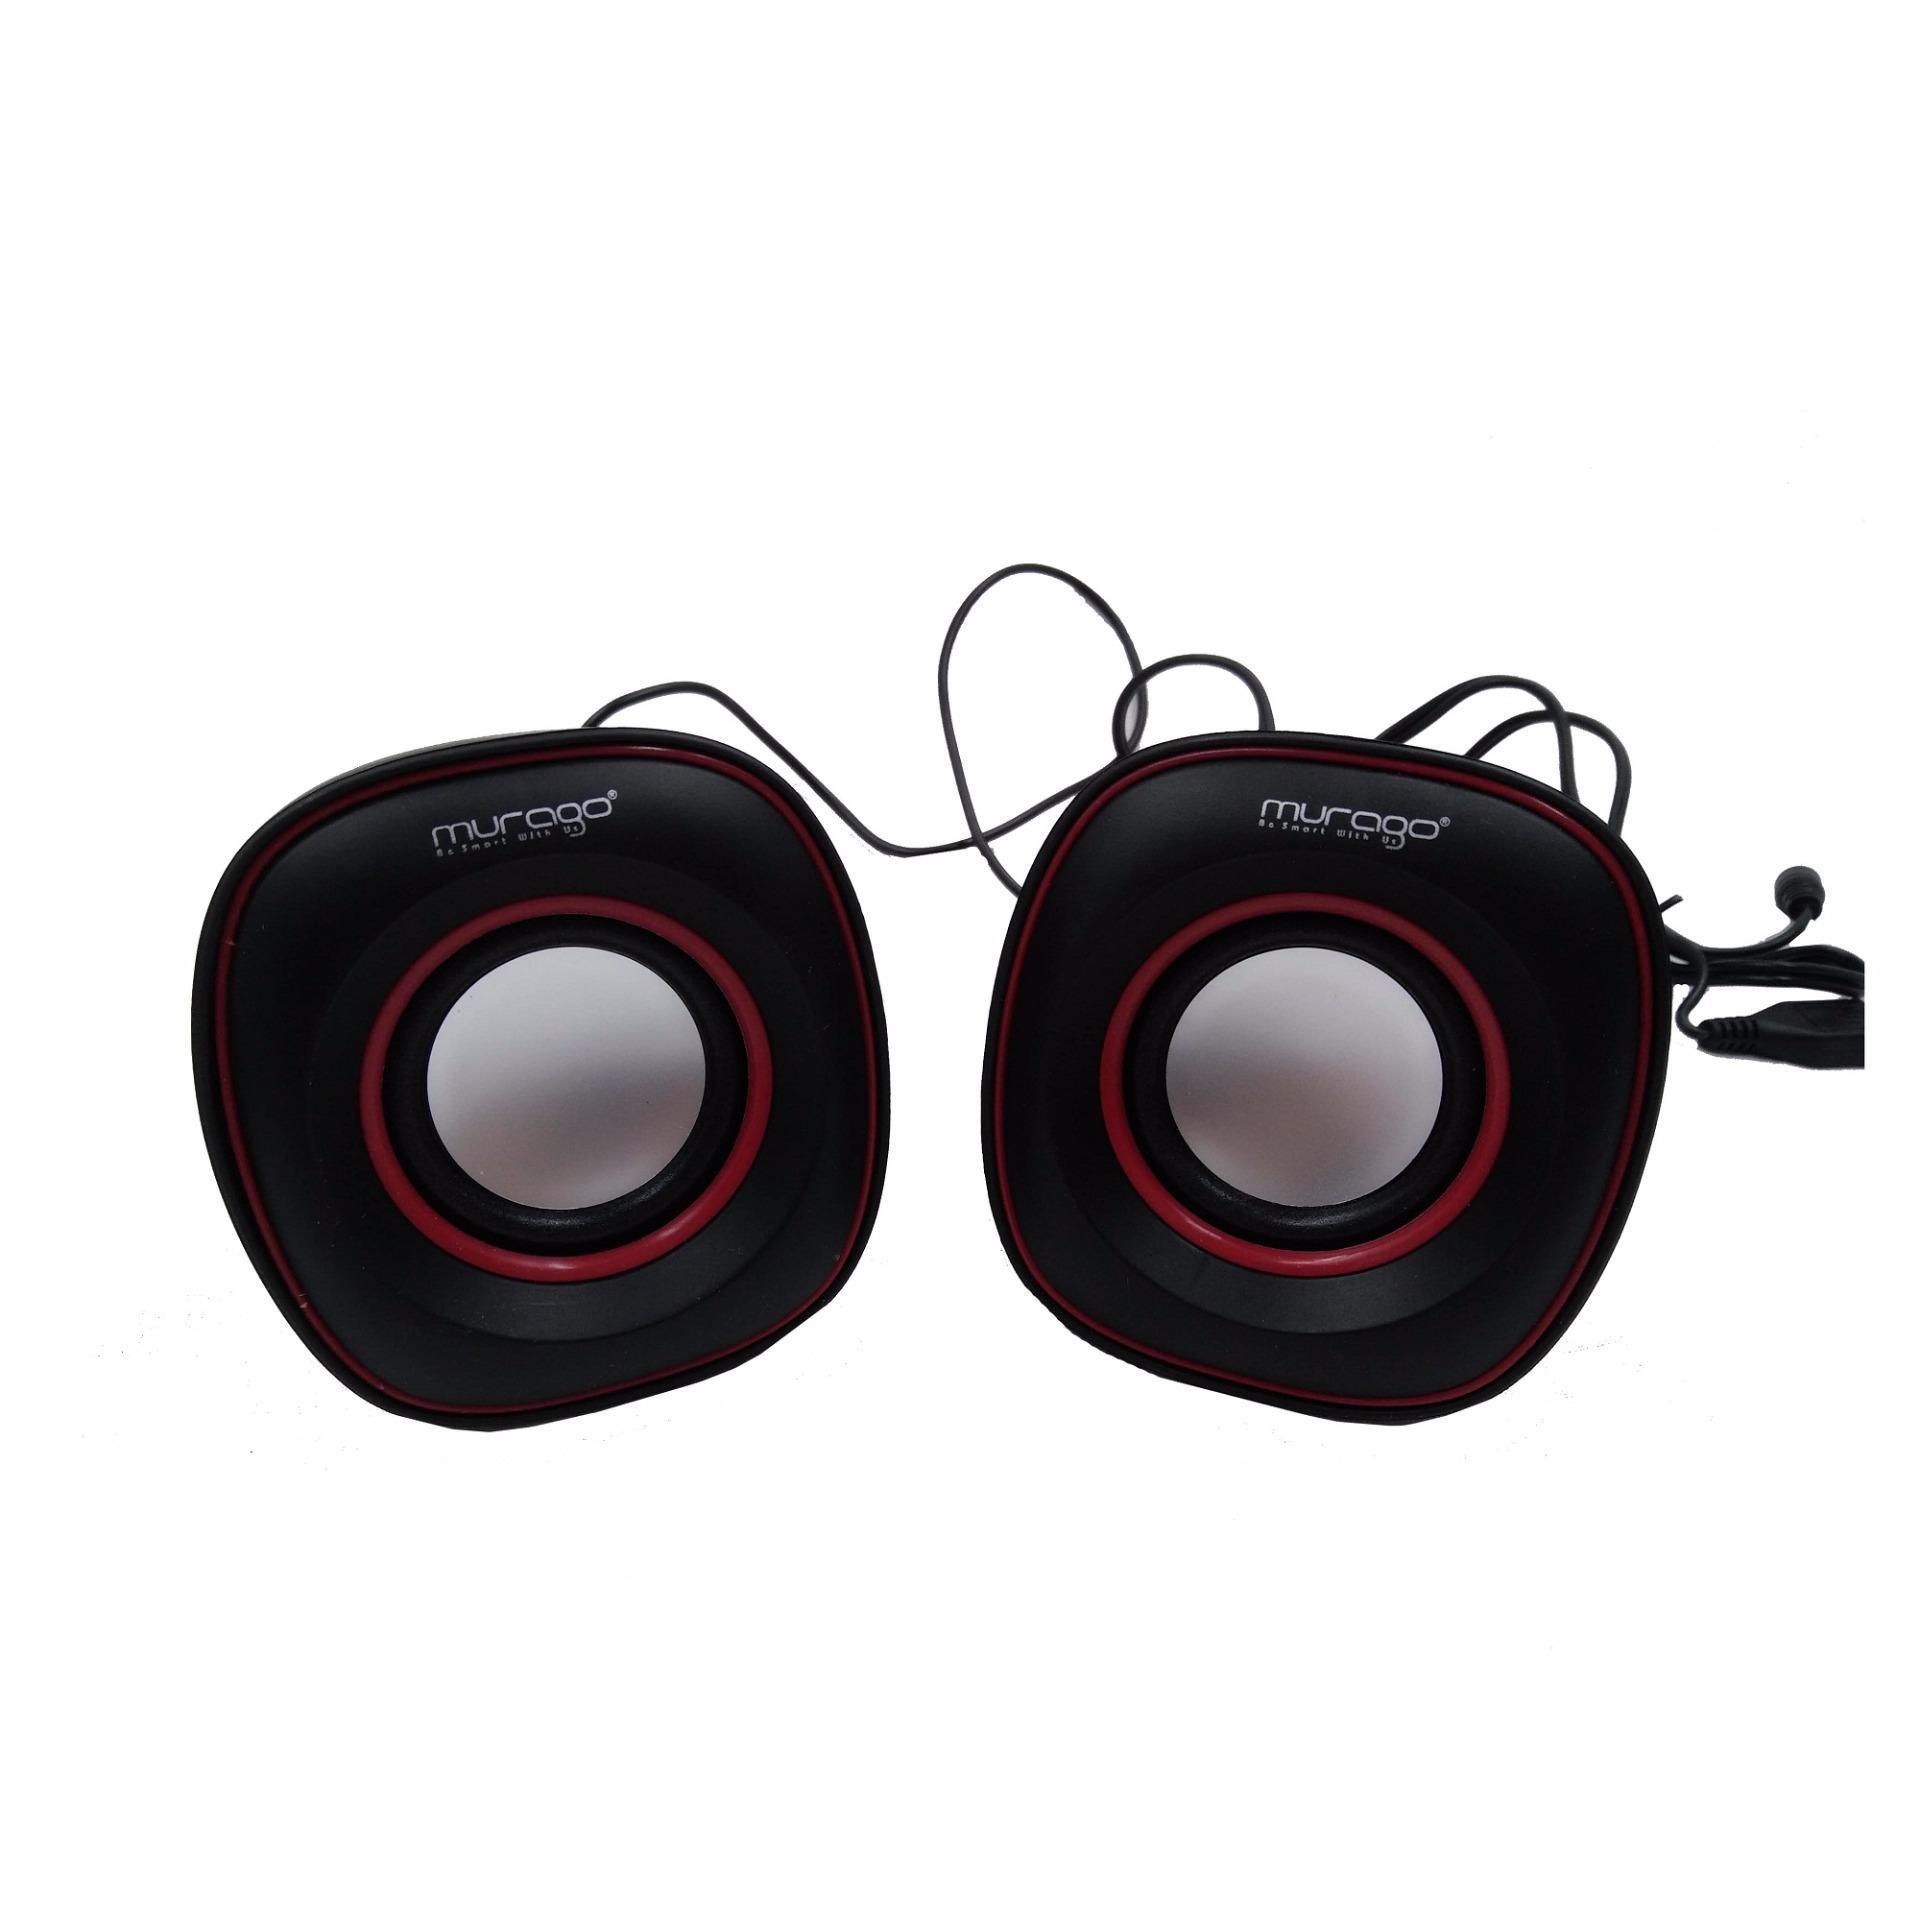 ... SPEAKER USB MINI MURAGO G-105 & USB SPEAKER & SPEAKER AKTIF ...